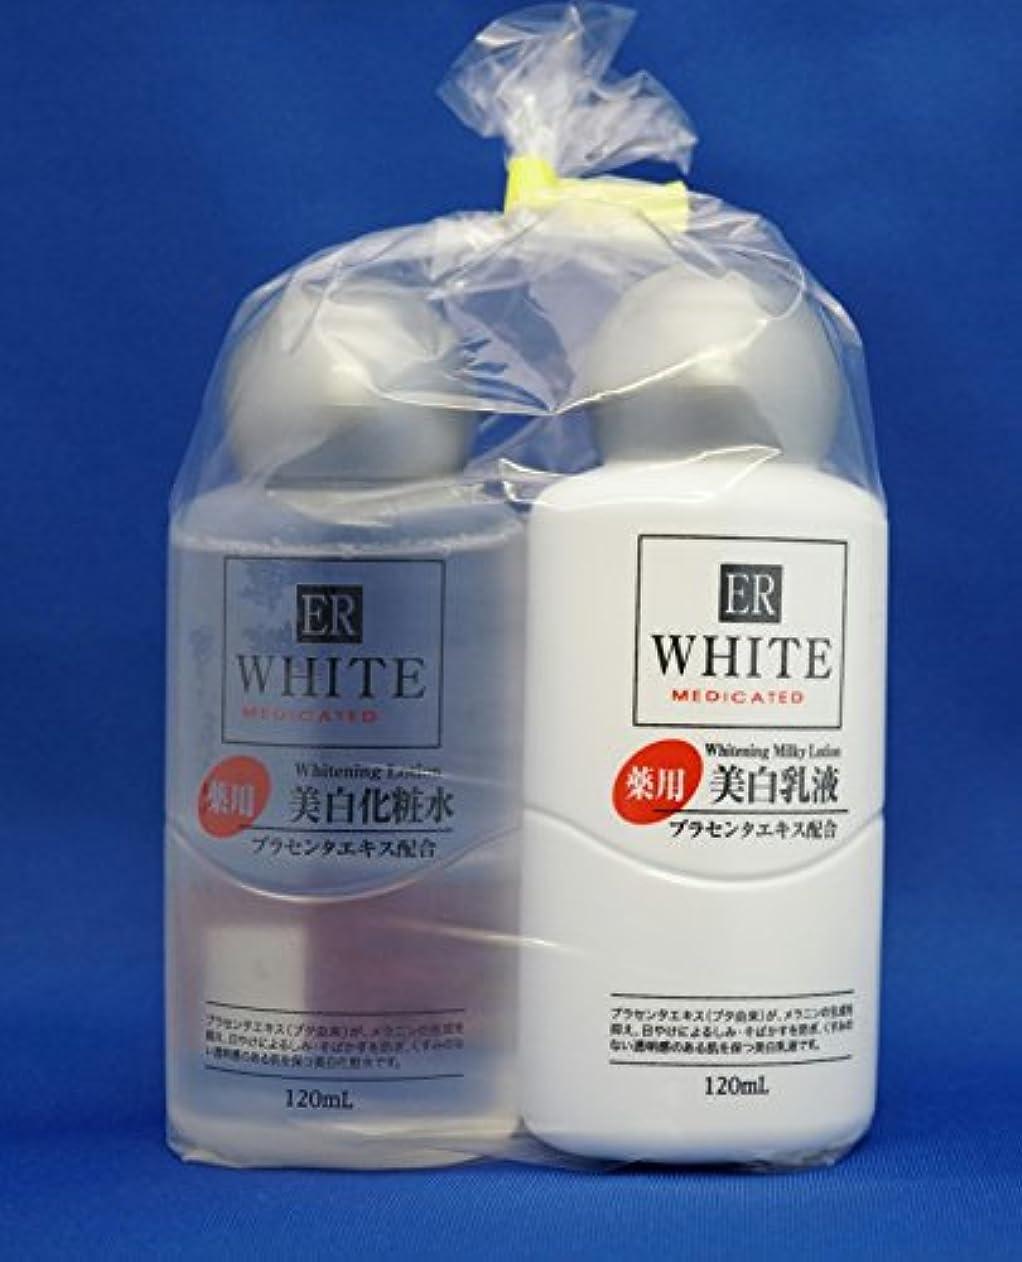 曲線うめき声メディック2個セット ダイソー ER コスモ ホワイトニング ミルクV(薬用美白乳液) と ER ホワイトニングローションV(薬用美白化粧水)